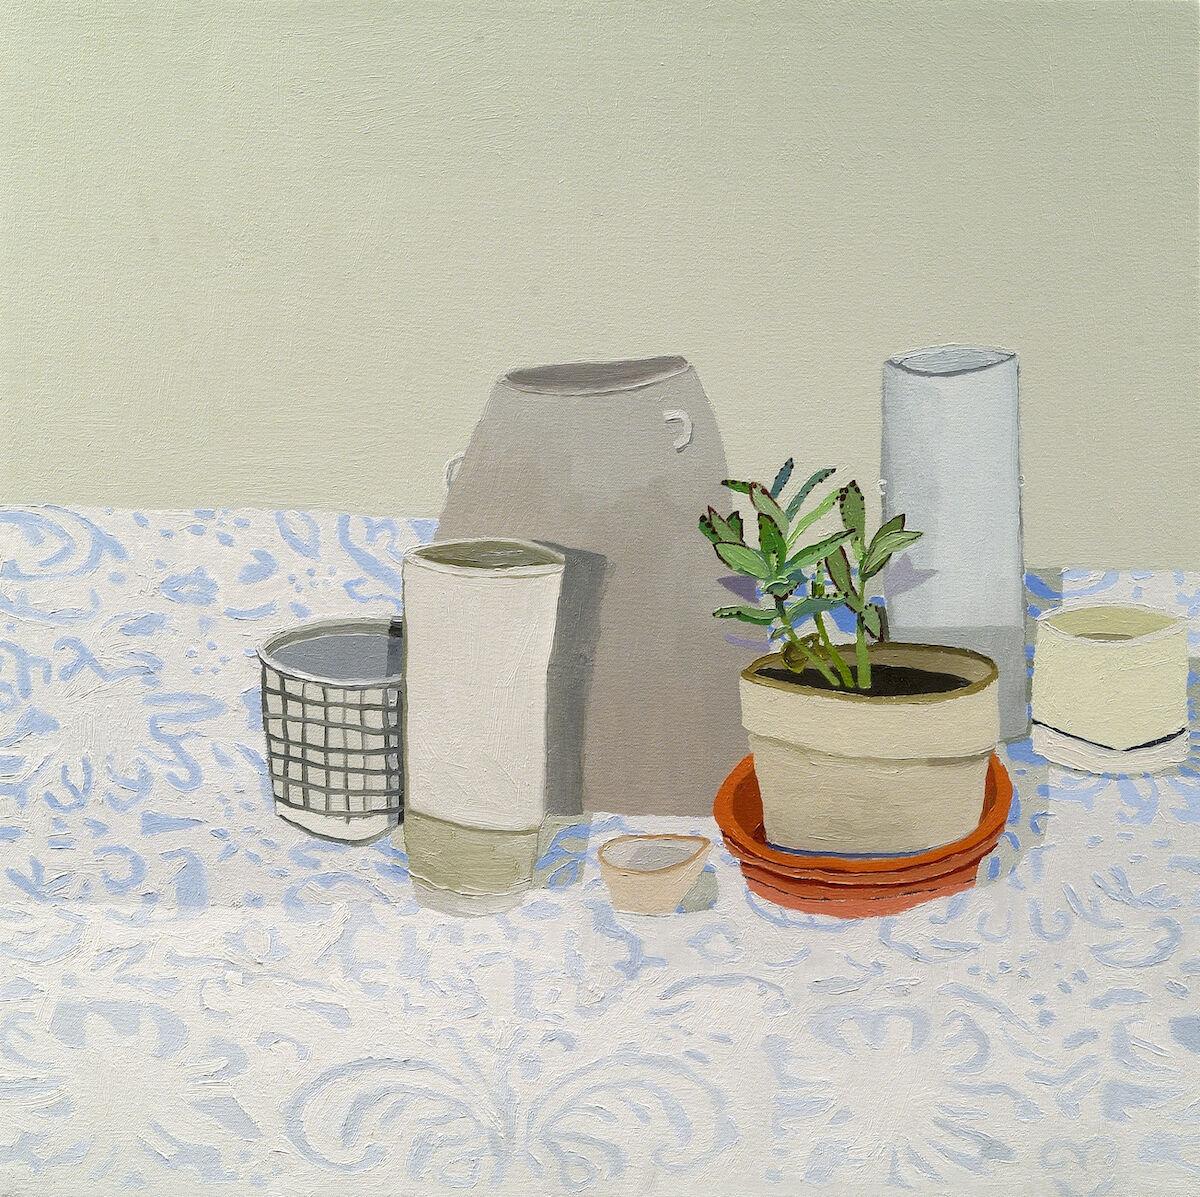 Jonas Wood, Shio's Still Life, 2006. © Jonas Wood. Courtesy of the artist and Black Dragon Society.